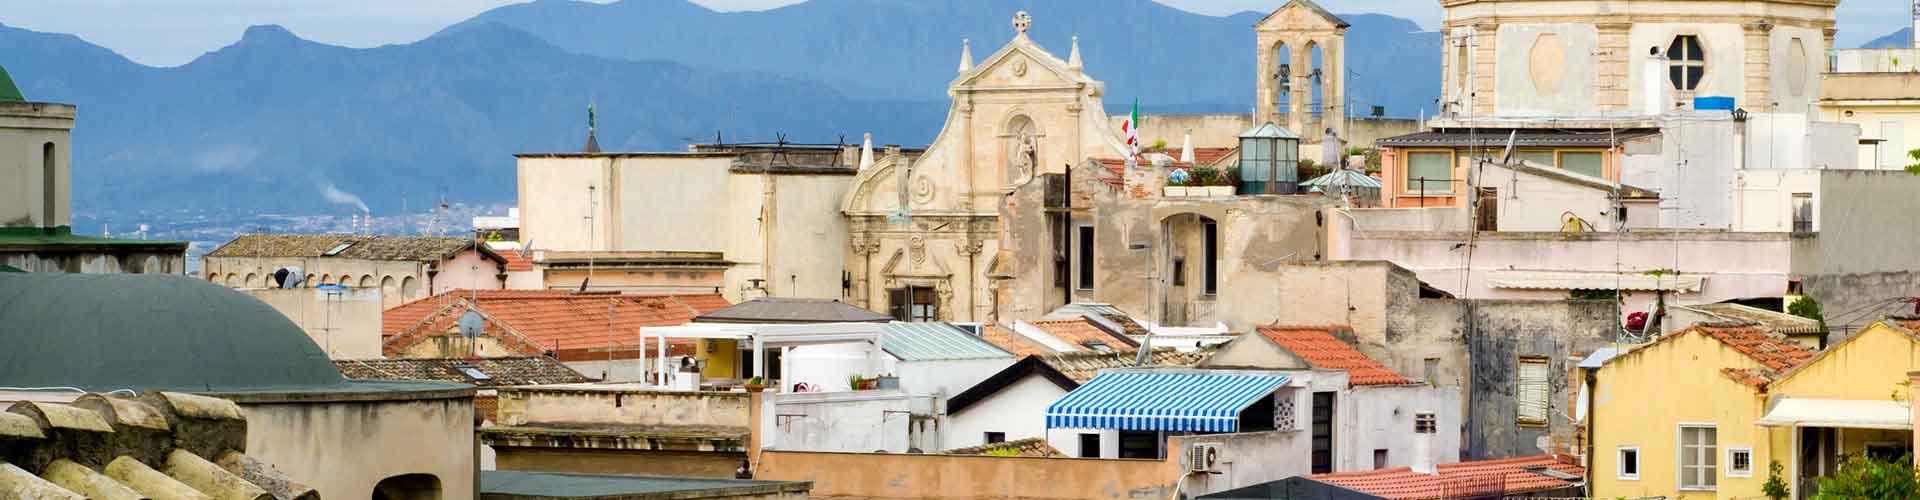 Cagliari - Hôtels à Cagliari. Cartes pour Cagliari, photos et commentaires pour chaque hôtel à Cagliari.